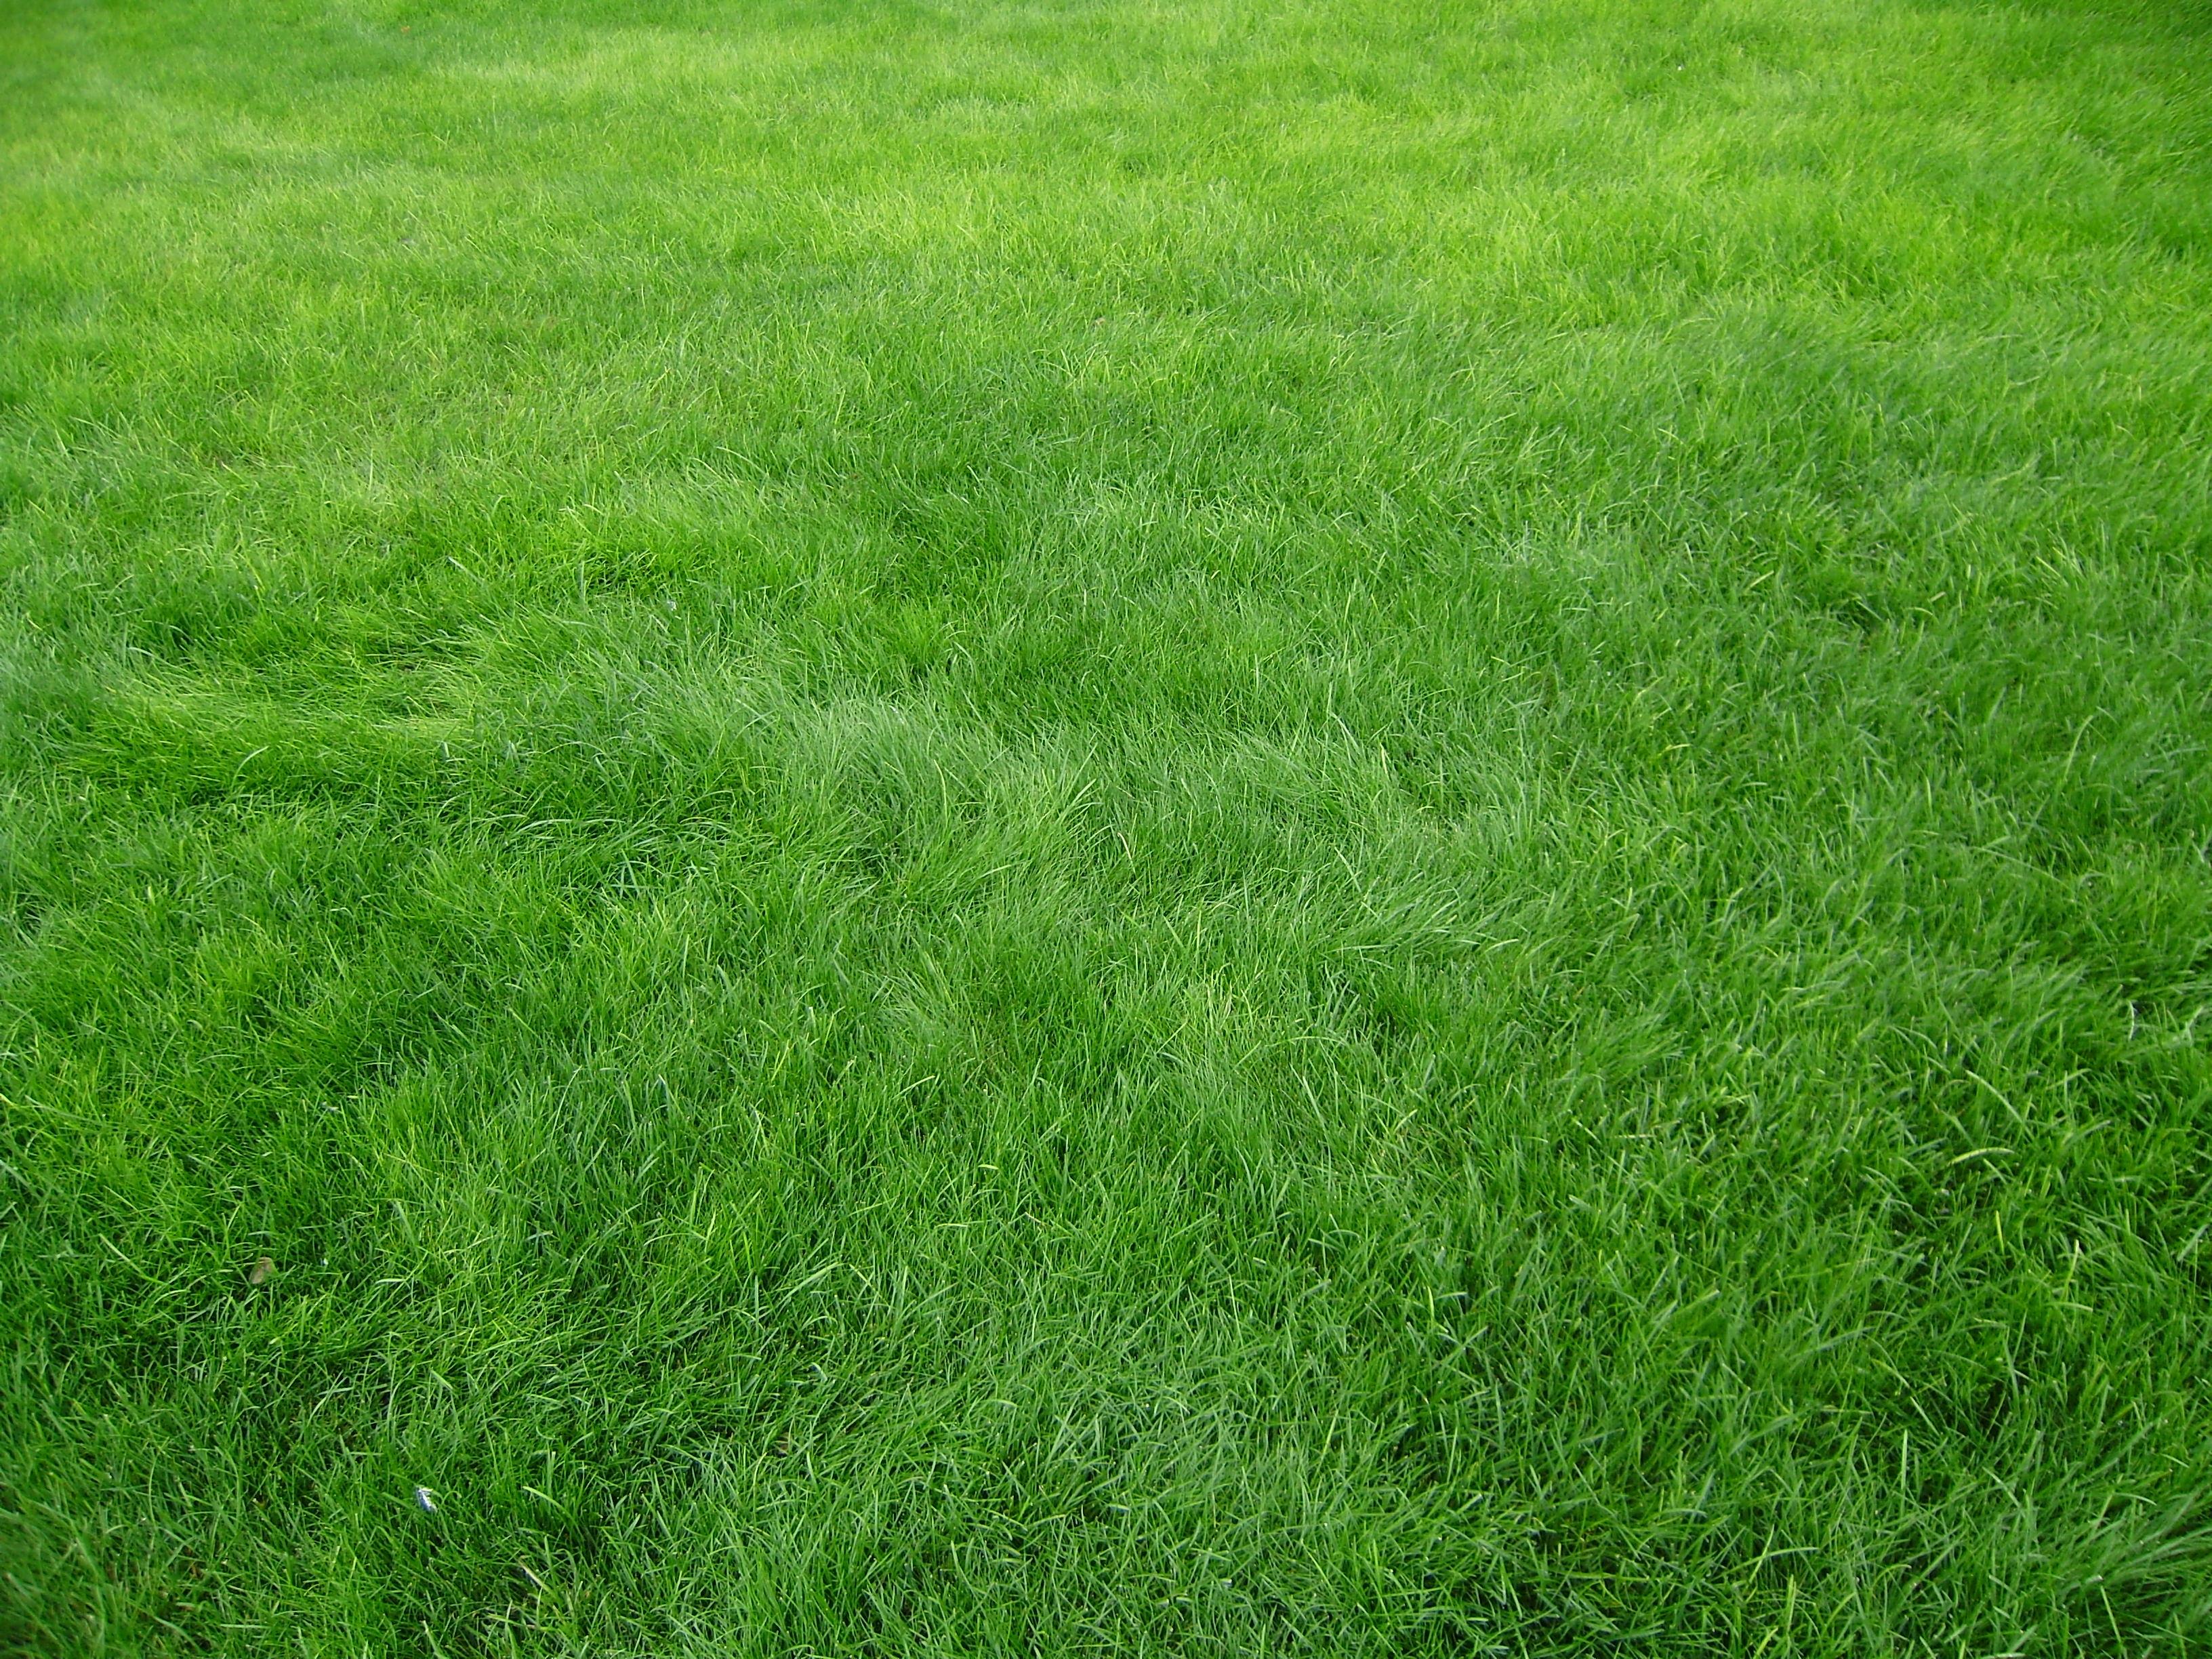 Feilds clipart grass field Find field field clipart grass